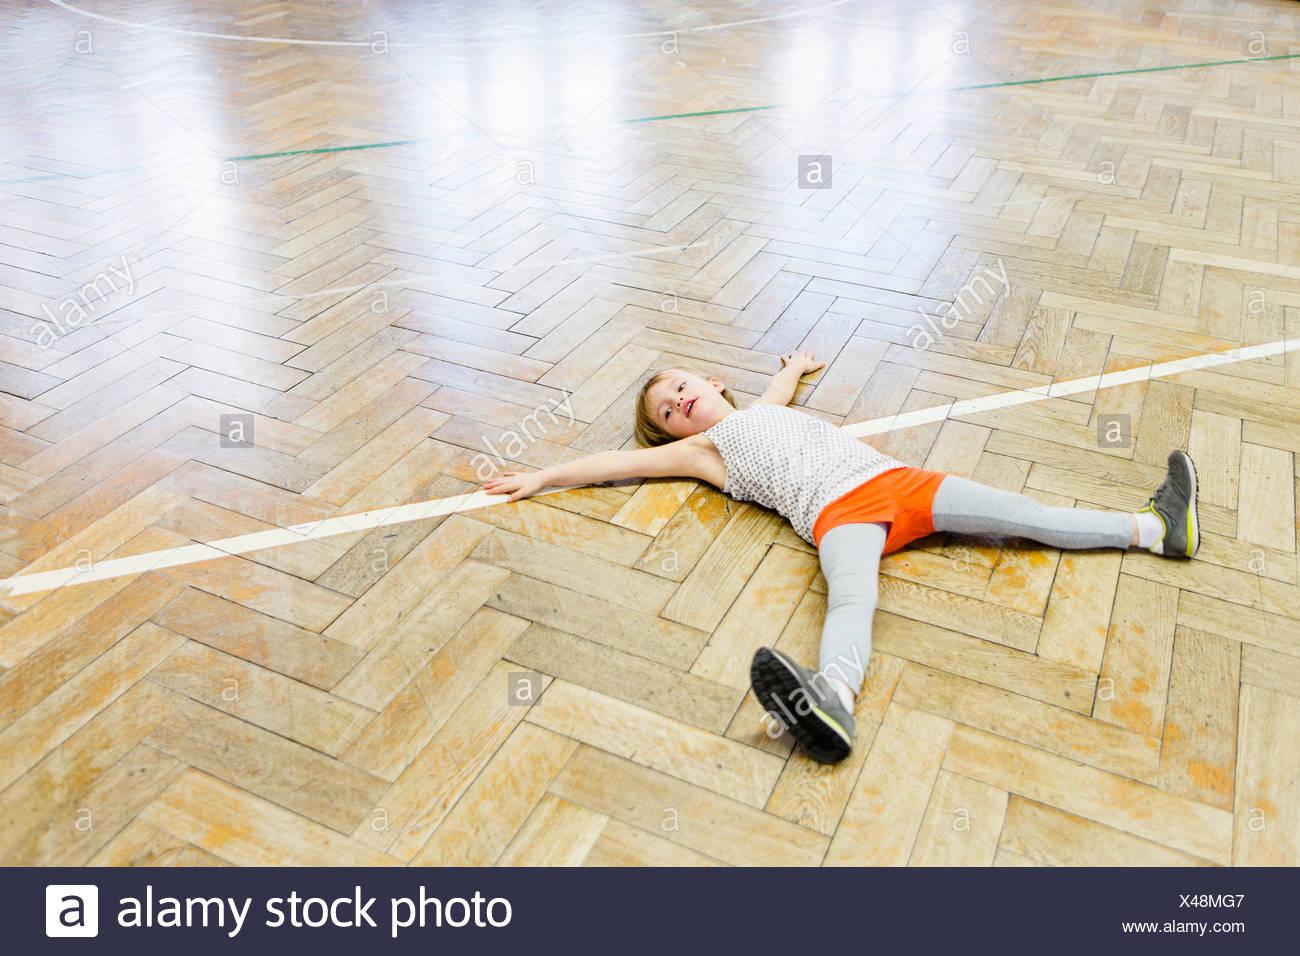 Ragazza distesa sul pavimento in legno in school hall con braccia e gambe divaricate Immagini Stock